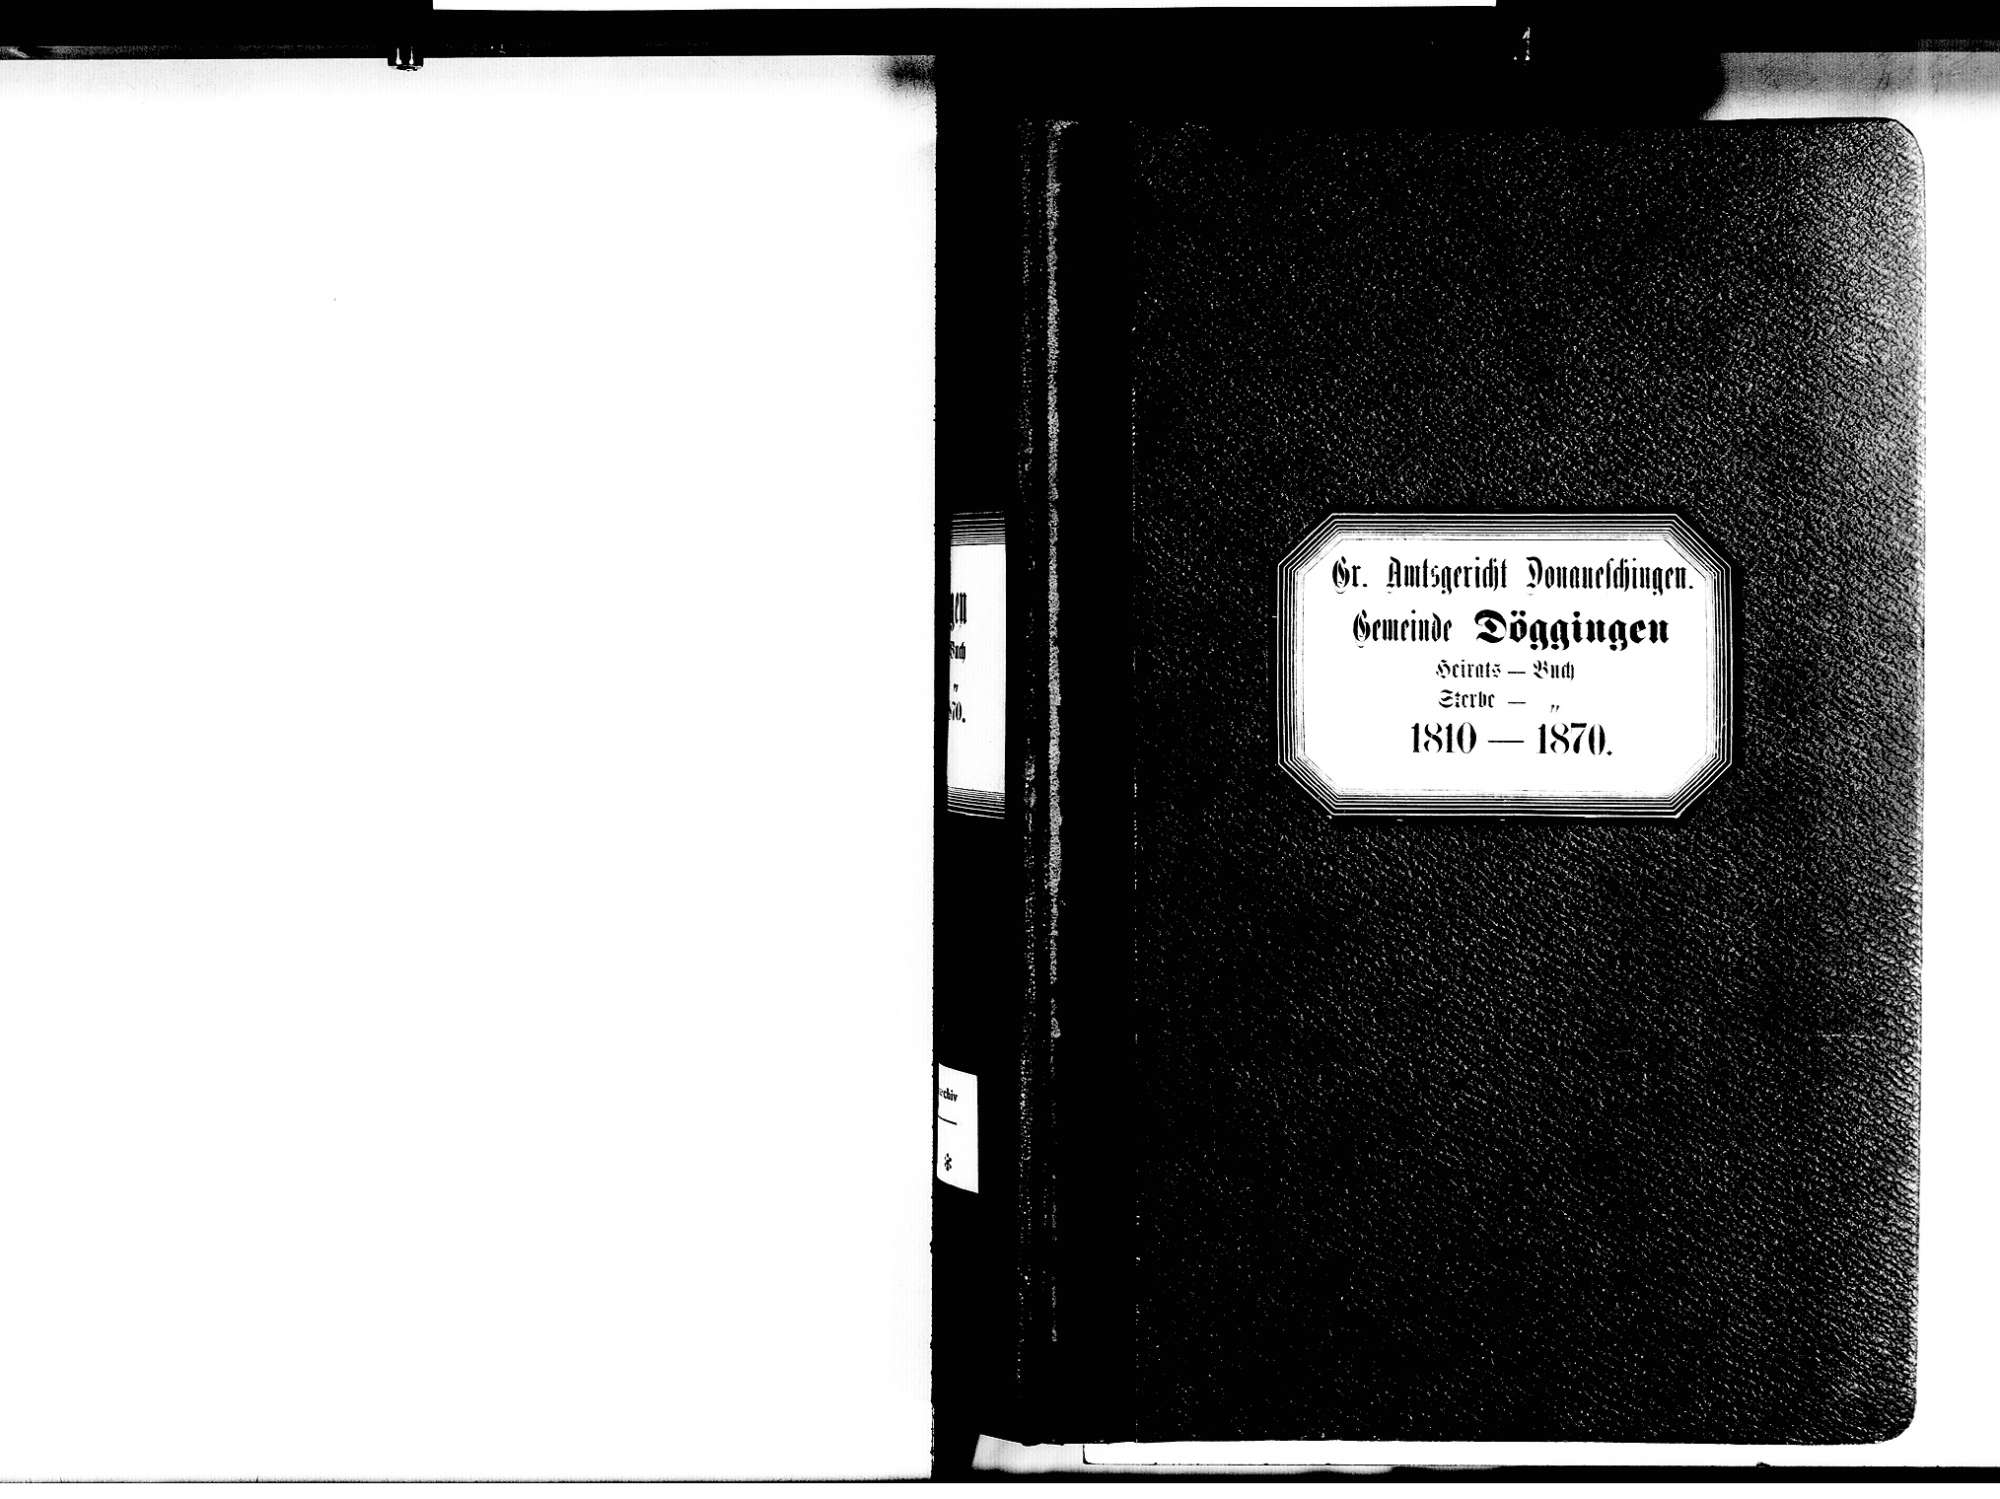 Döggingen, Bräunlingen VS; Katholische Gemeinde: Heirats- und Sterbebuch 1810-1870, Bild 3